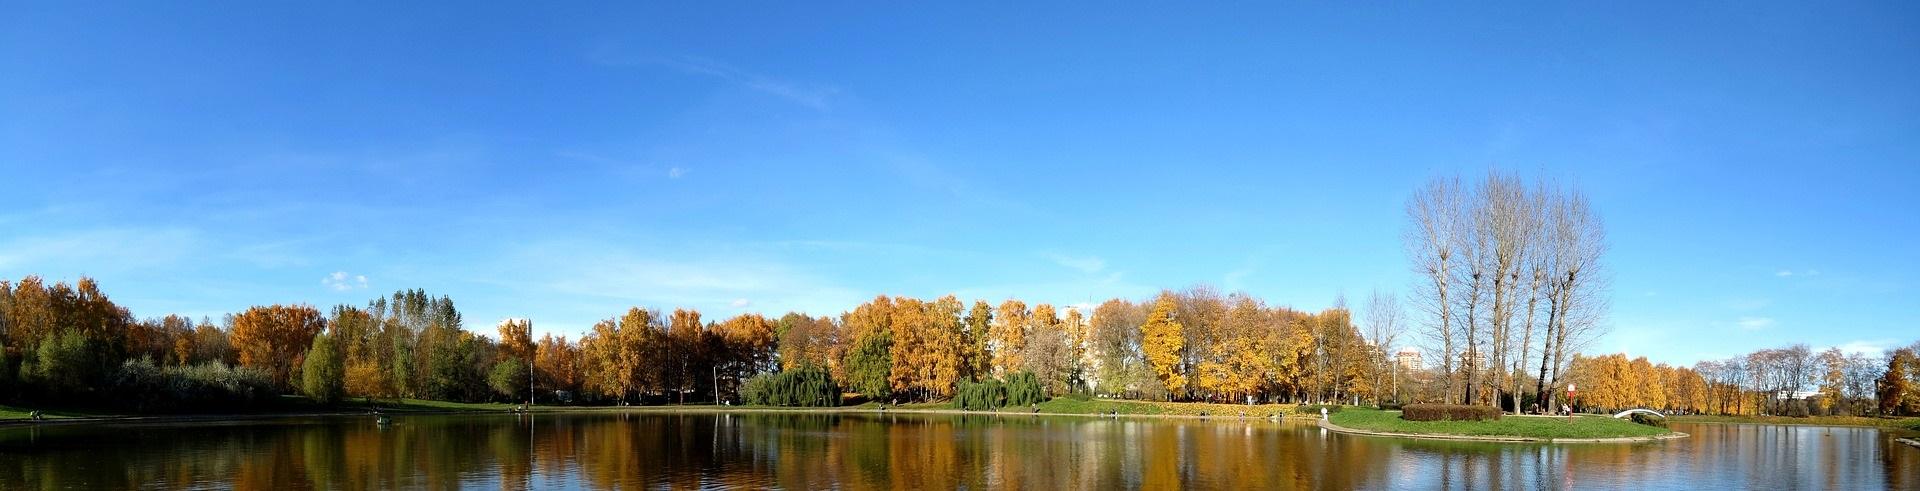 Blå bakgrundsbild, sjö och höstträd.